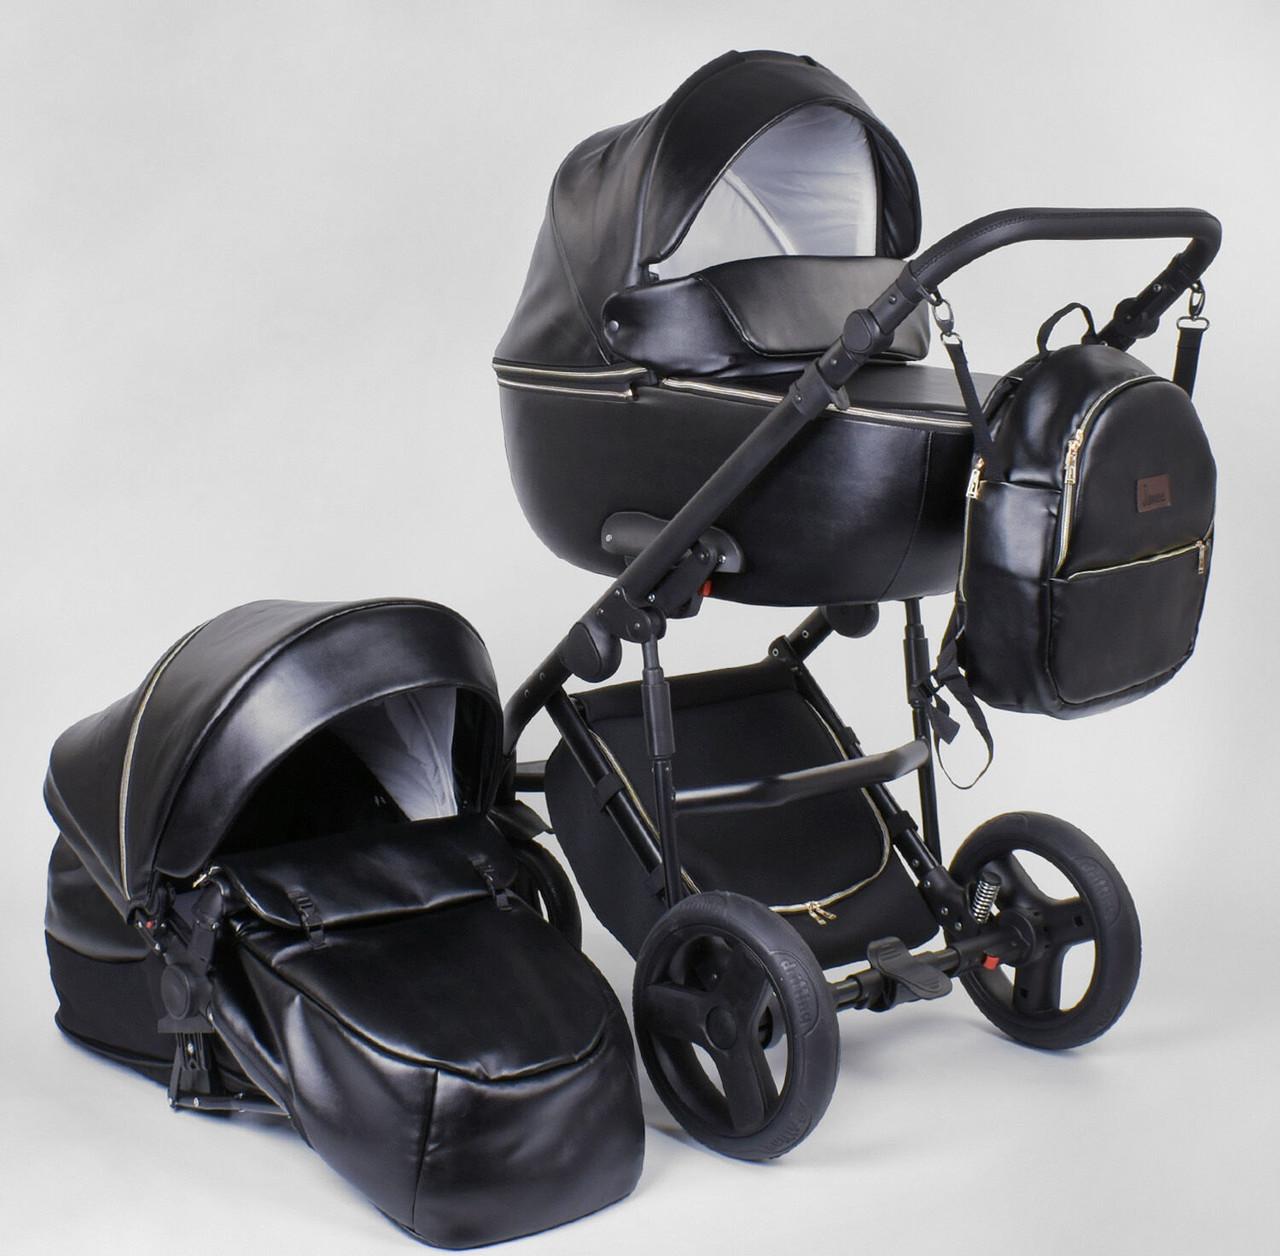 Коляска універсальна 2 в 1 ROSY 2040-02 колір чорний, матеріал еко-шкіра